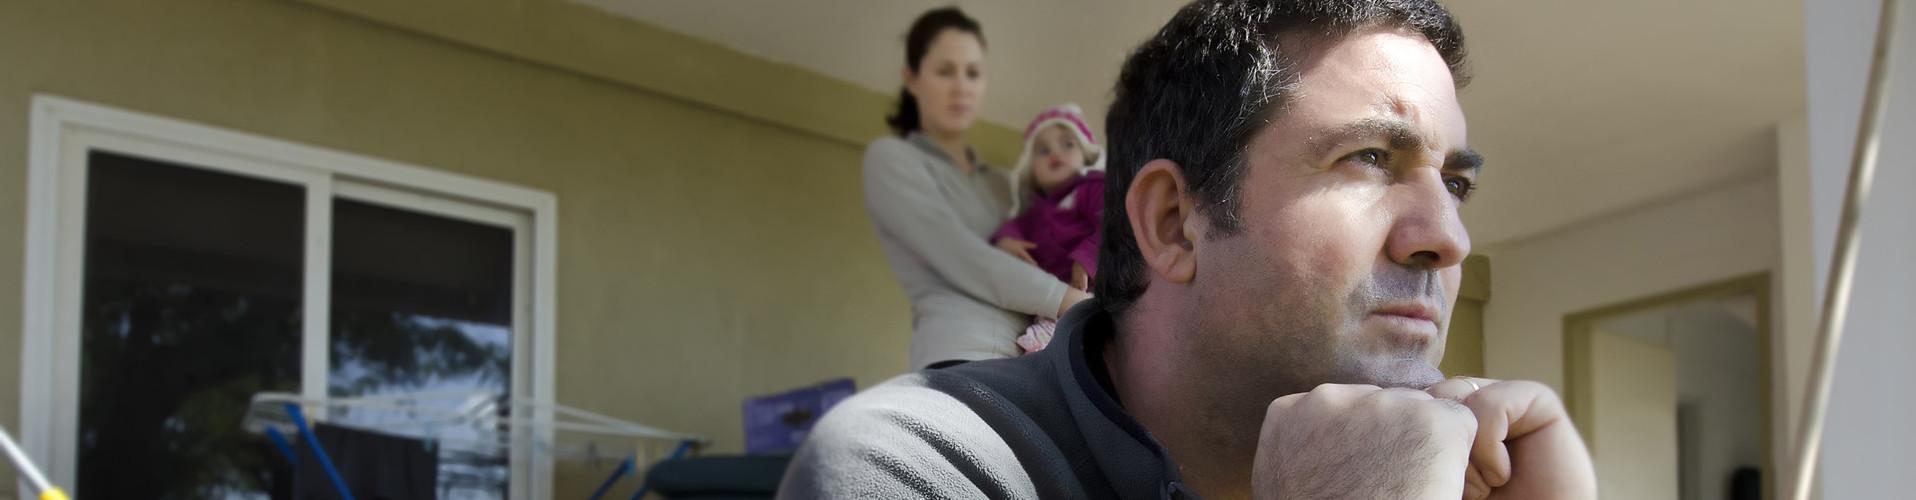 Arbeitsloser Mann macht sich Sorgen. © Rafael Ben-Ari, stock.adobe.com